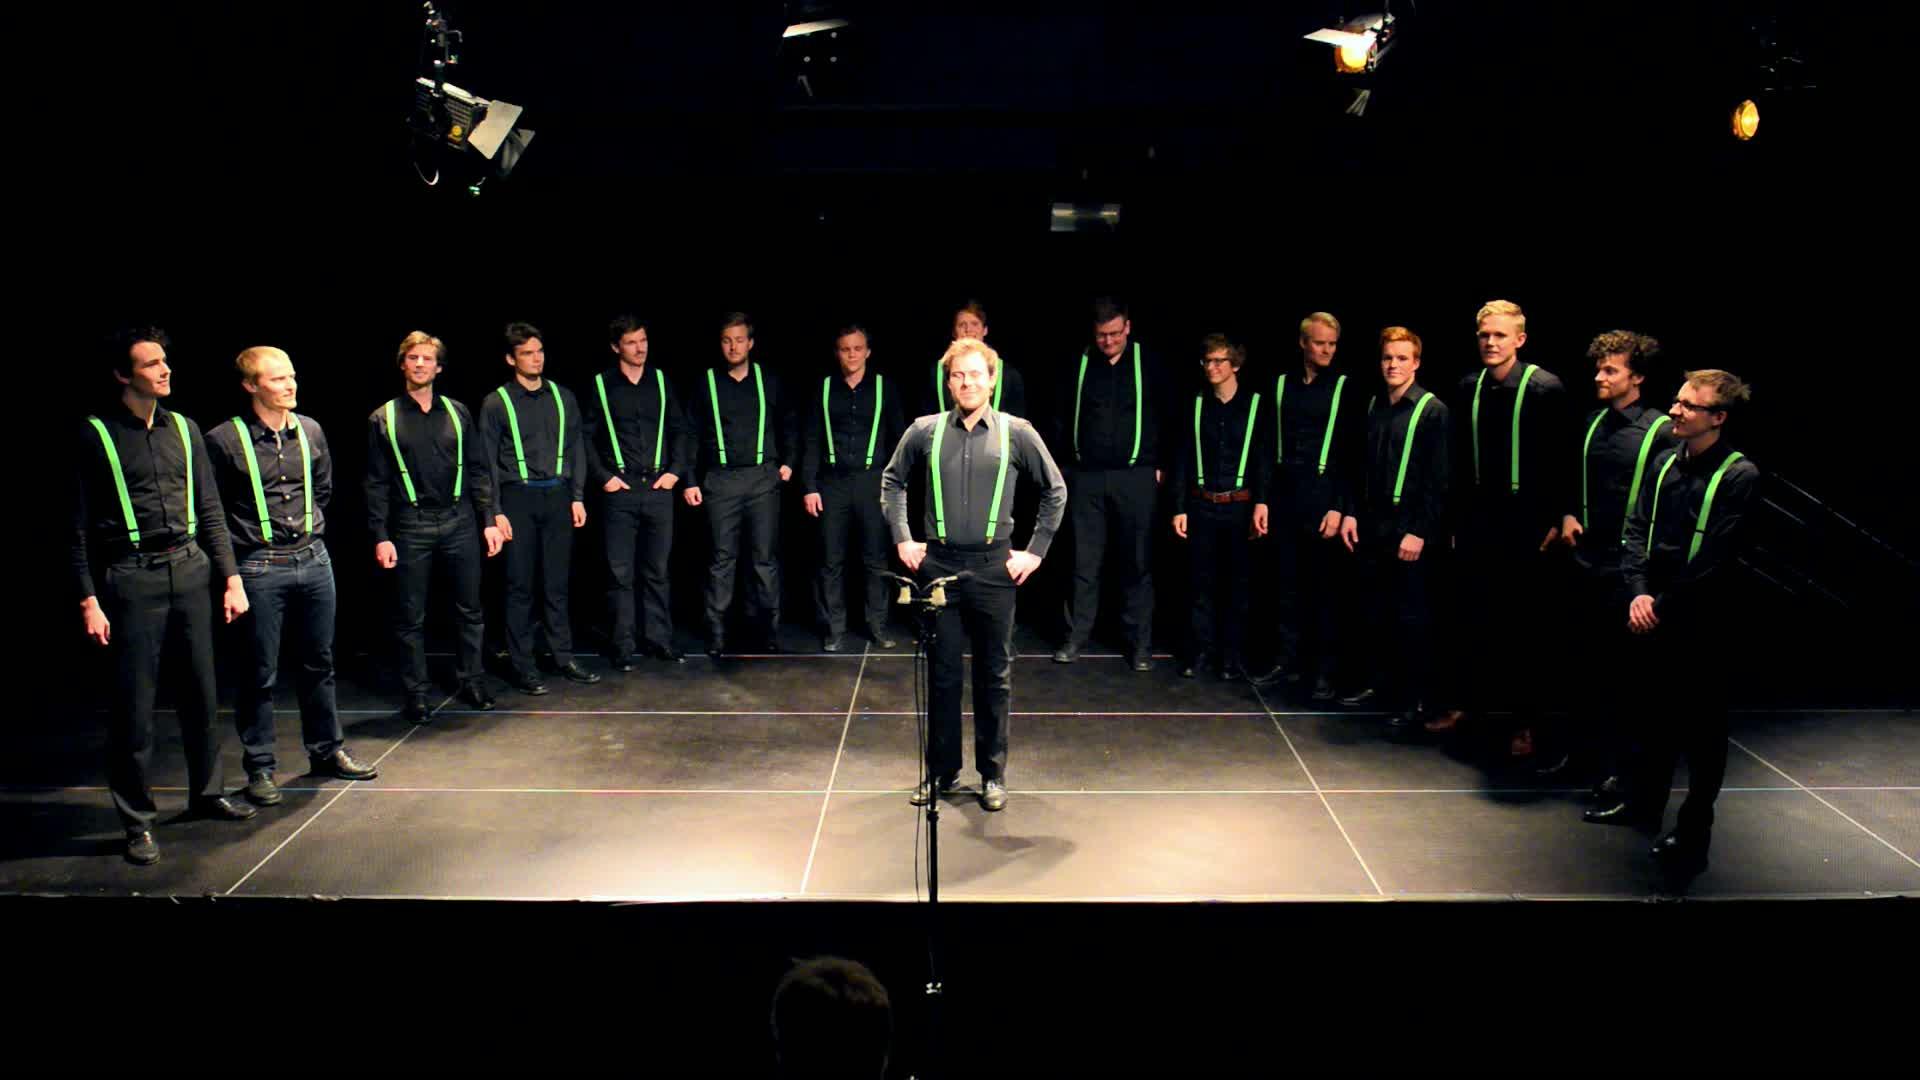 Korkonsert vår '14: Olav Tryggvason